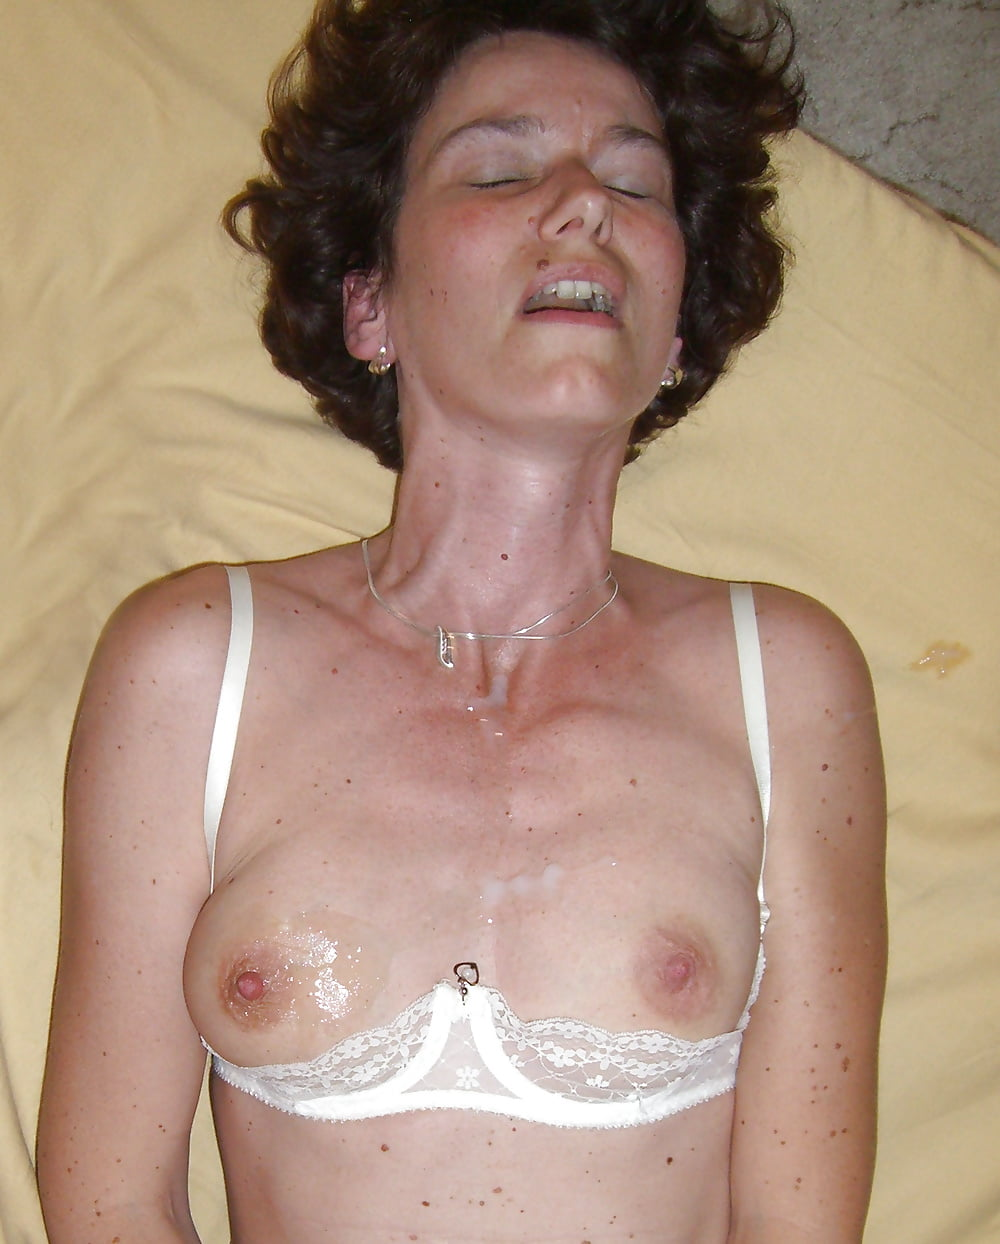 pics Female orgasm face